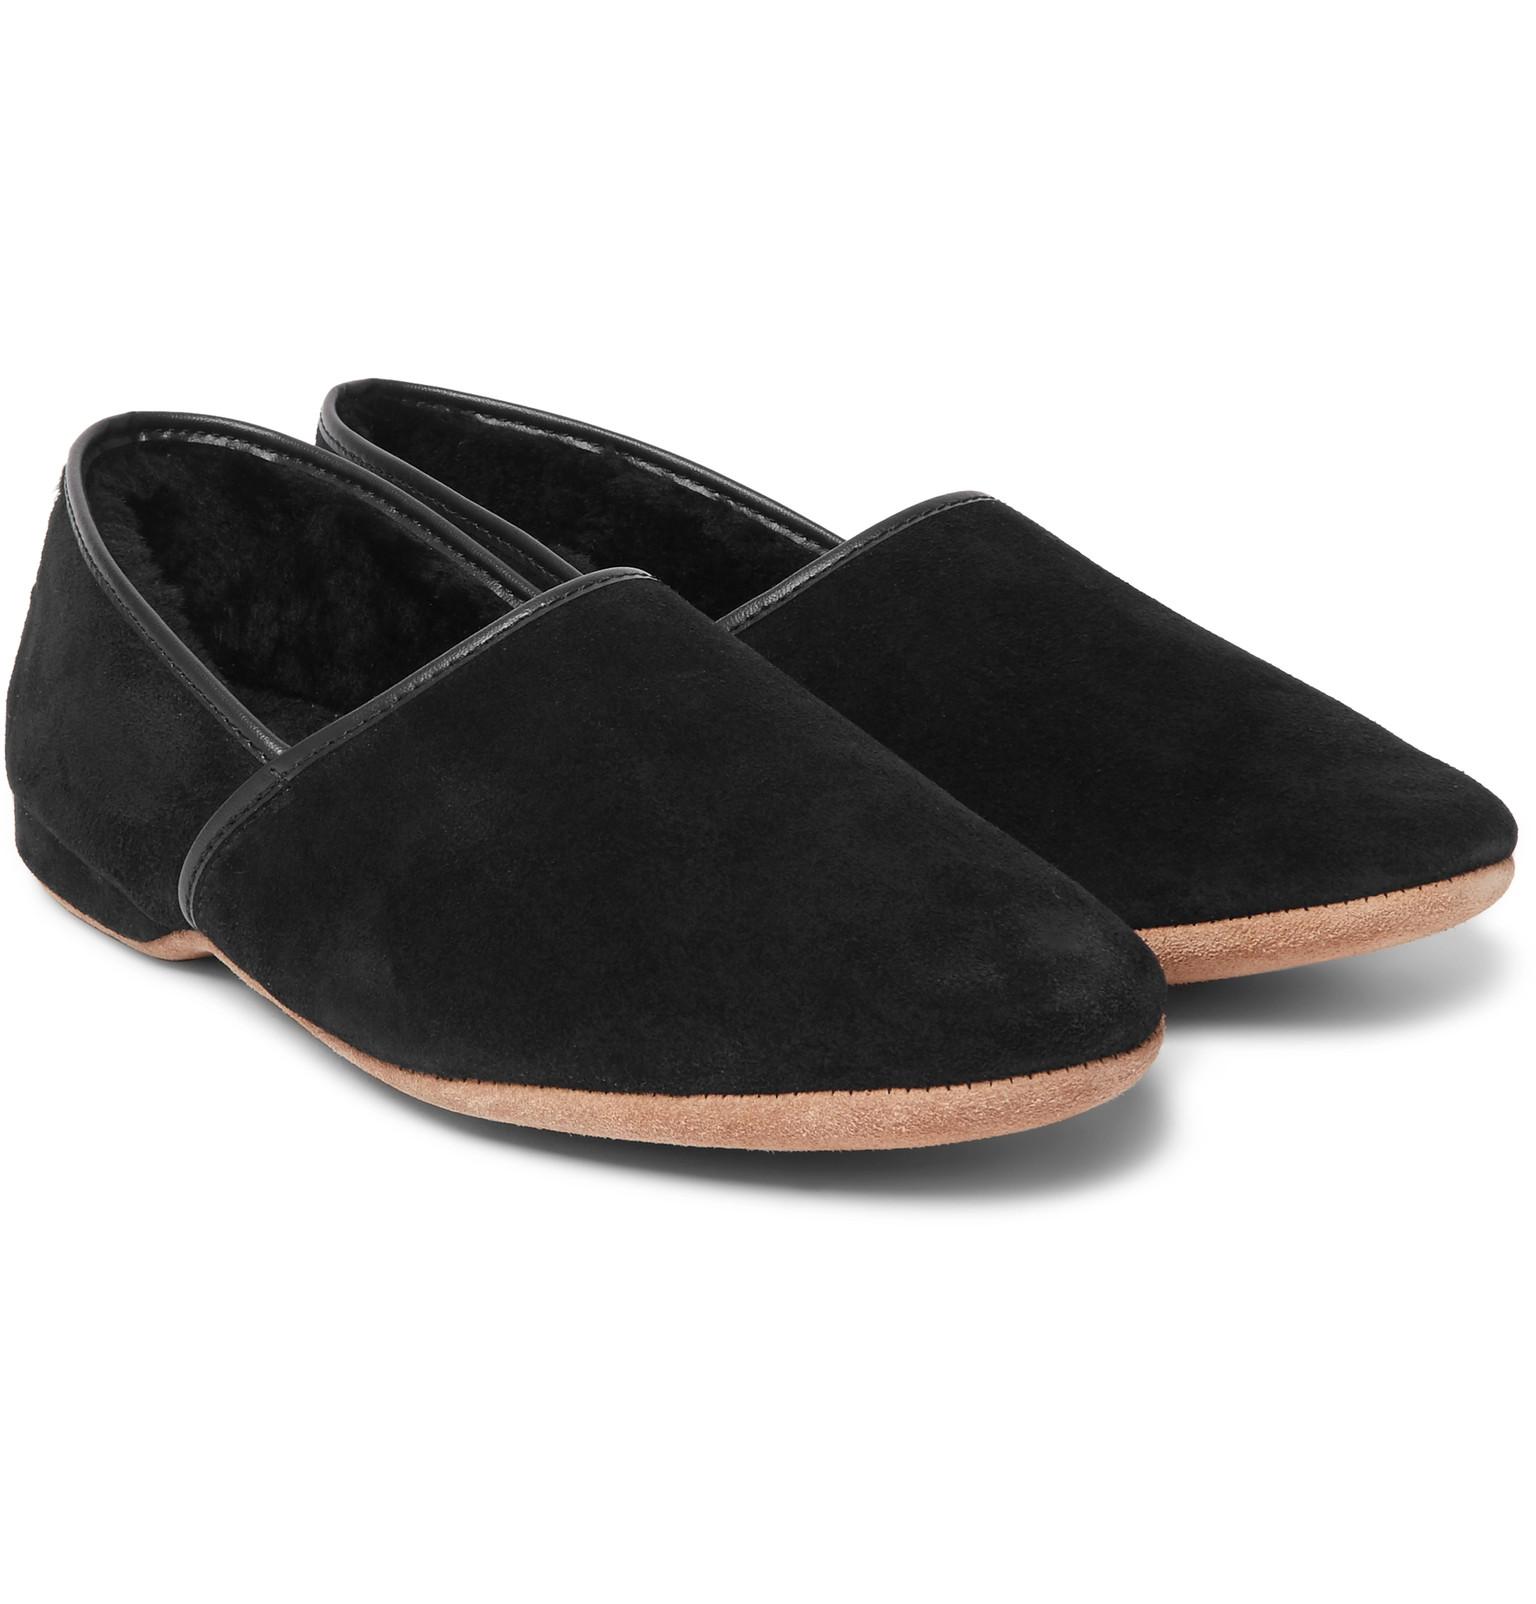 Mens Leather Bedroom Slippers Mens Designer Slippers Shop Mens Fashion Online At Mr Porter